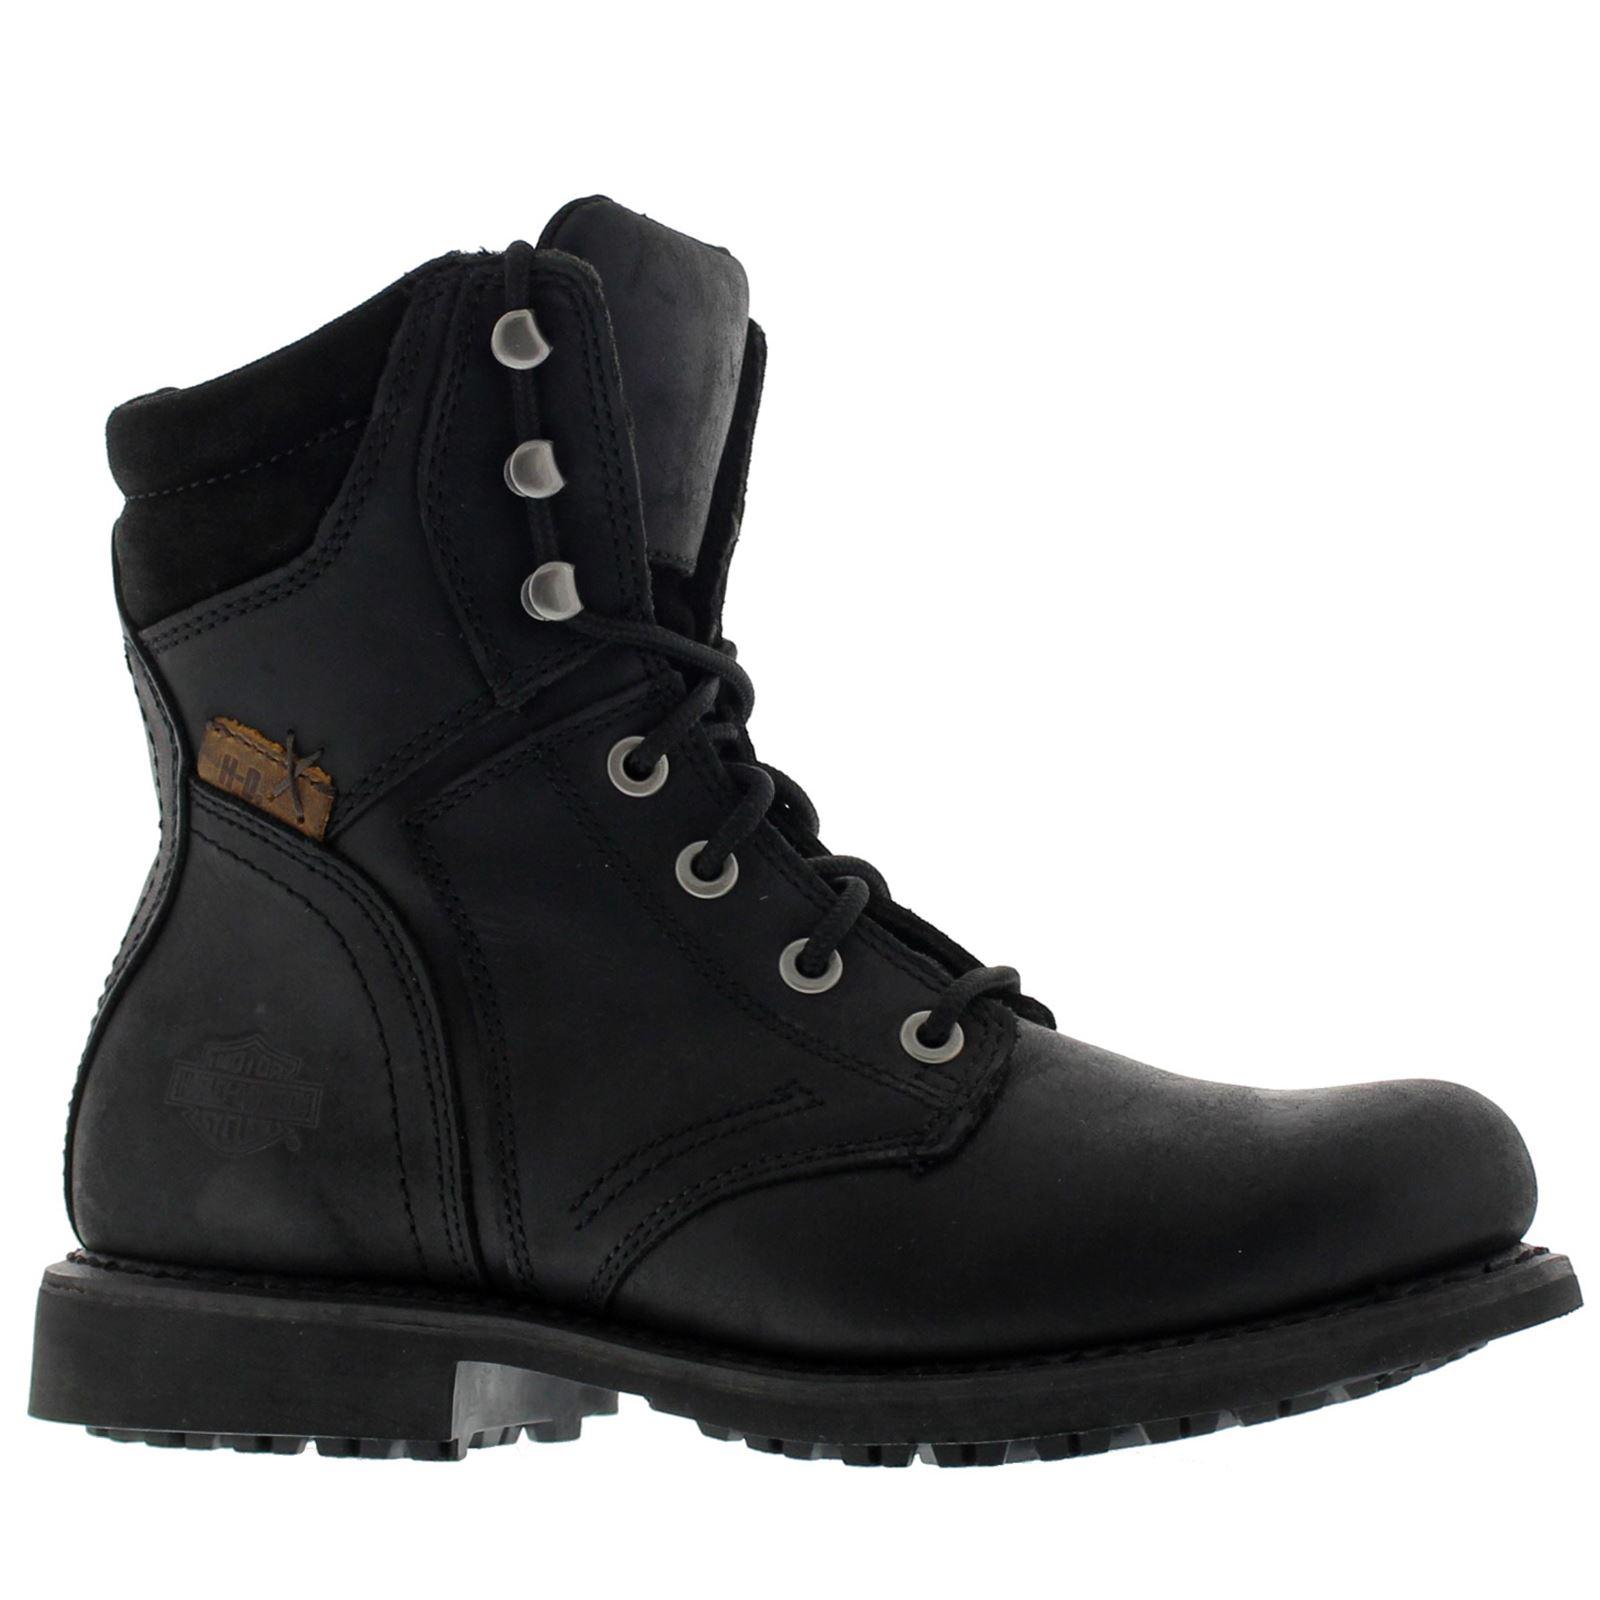 harley davidson darnel black herren boots ebay. Black Bedroom Furniture Sets. Home Design Ideas